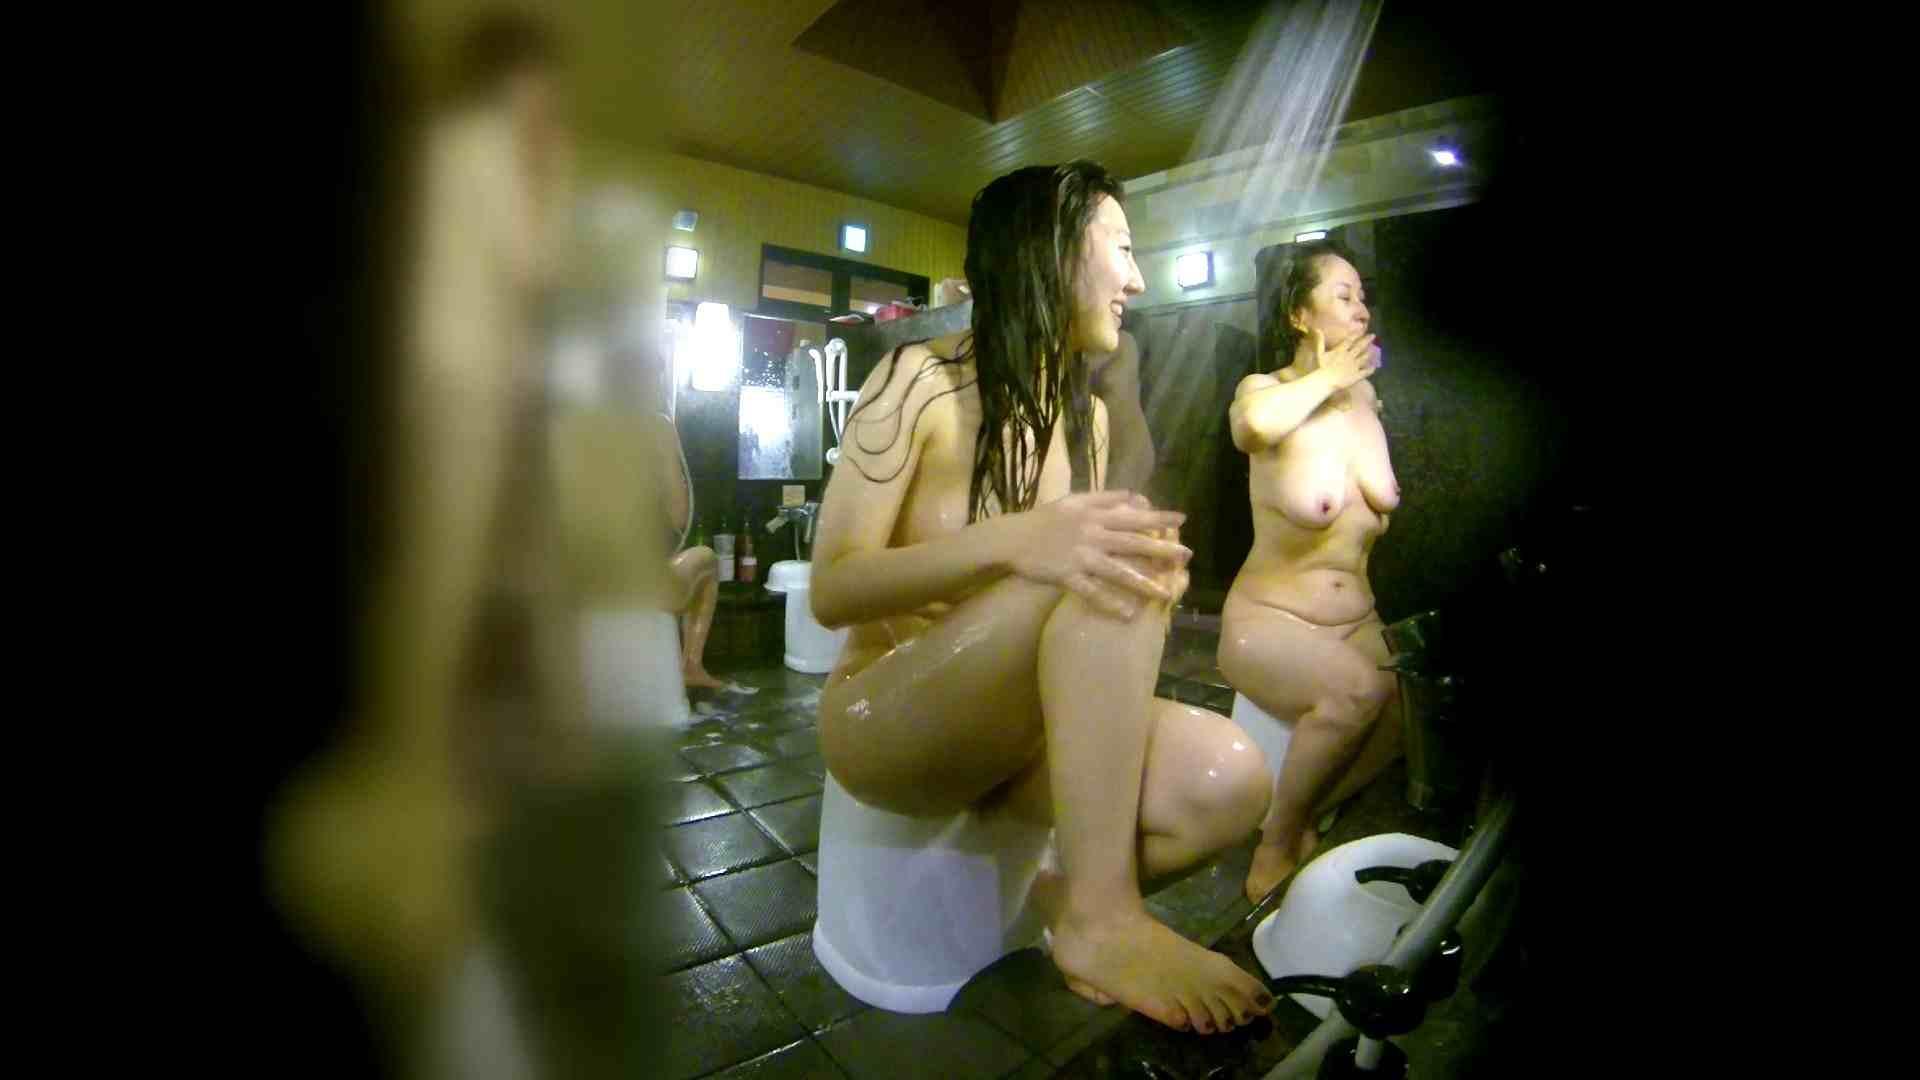 洗い場!右足の位置がいいですね。陰毛もっさり! 女湯のぞき えろ無修正画像 107枚 40